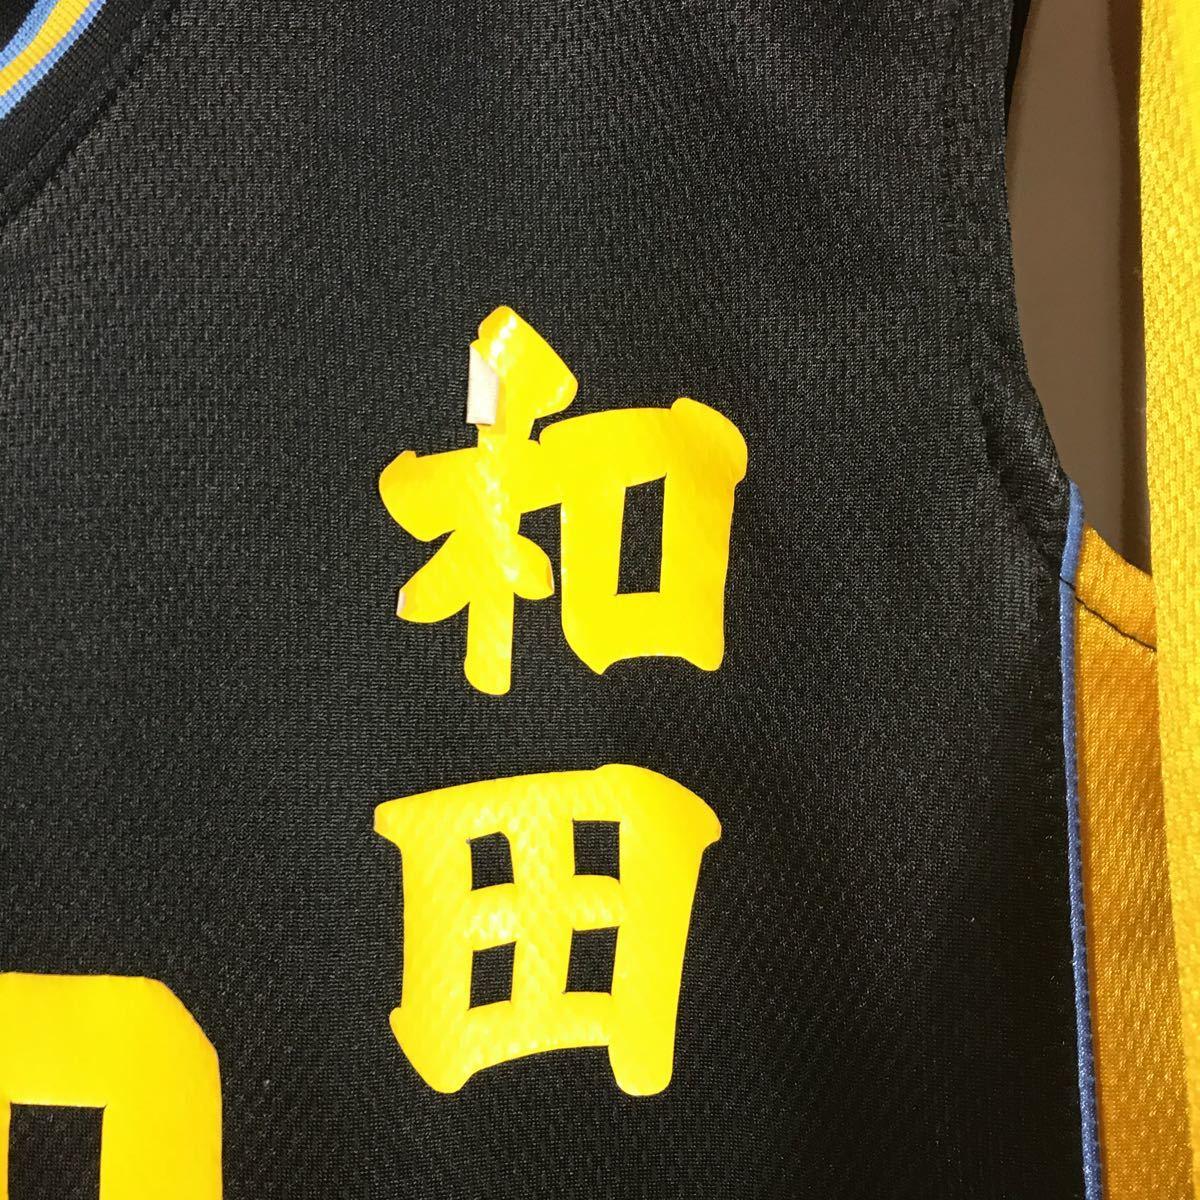 和田 女子バスケットボール部 ブルファイトbull fight #20 黒 ブラック バスケユニフォーム バスケットボール 上下セット Mサイズ_画像2